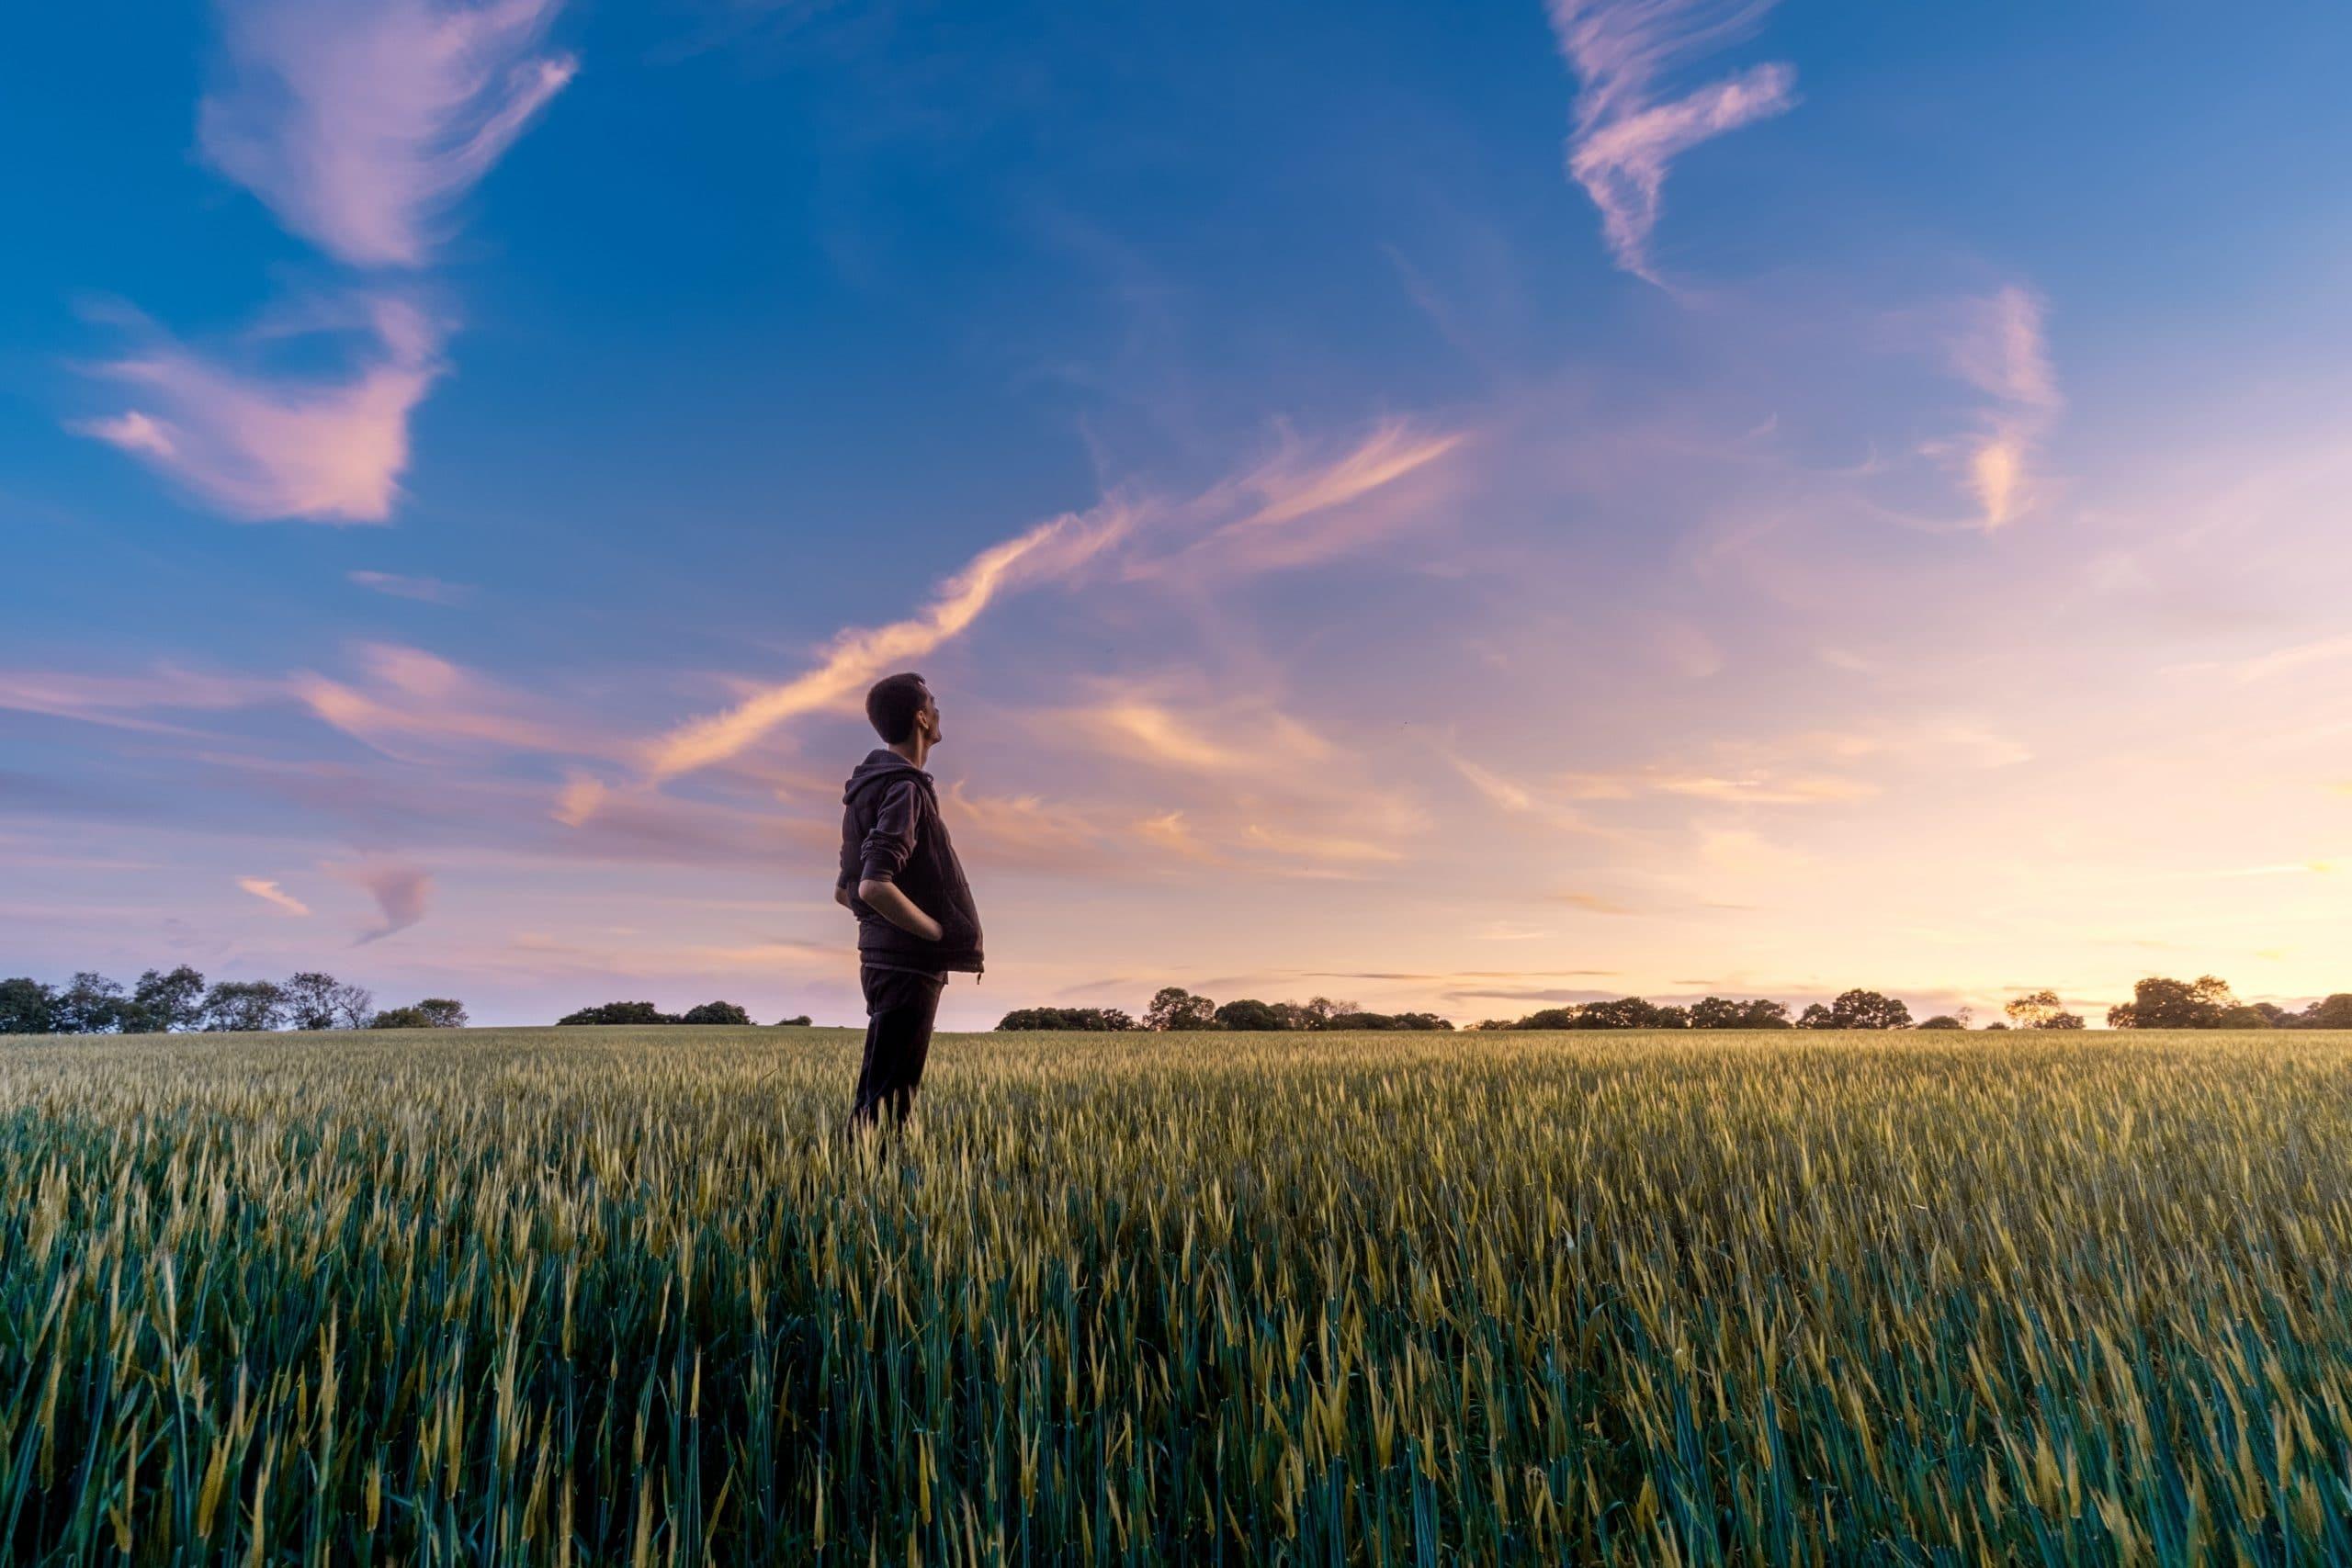 Homem em pé em um campo, olhando o Sol no horizonte.